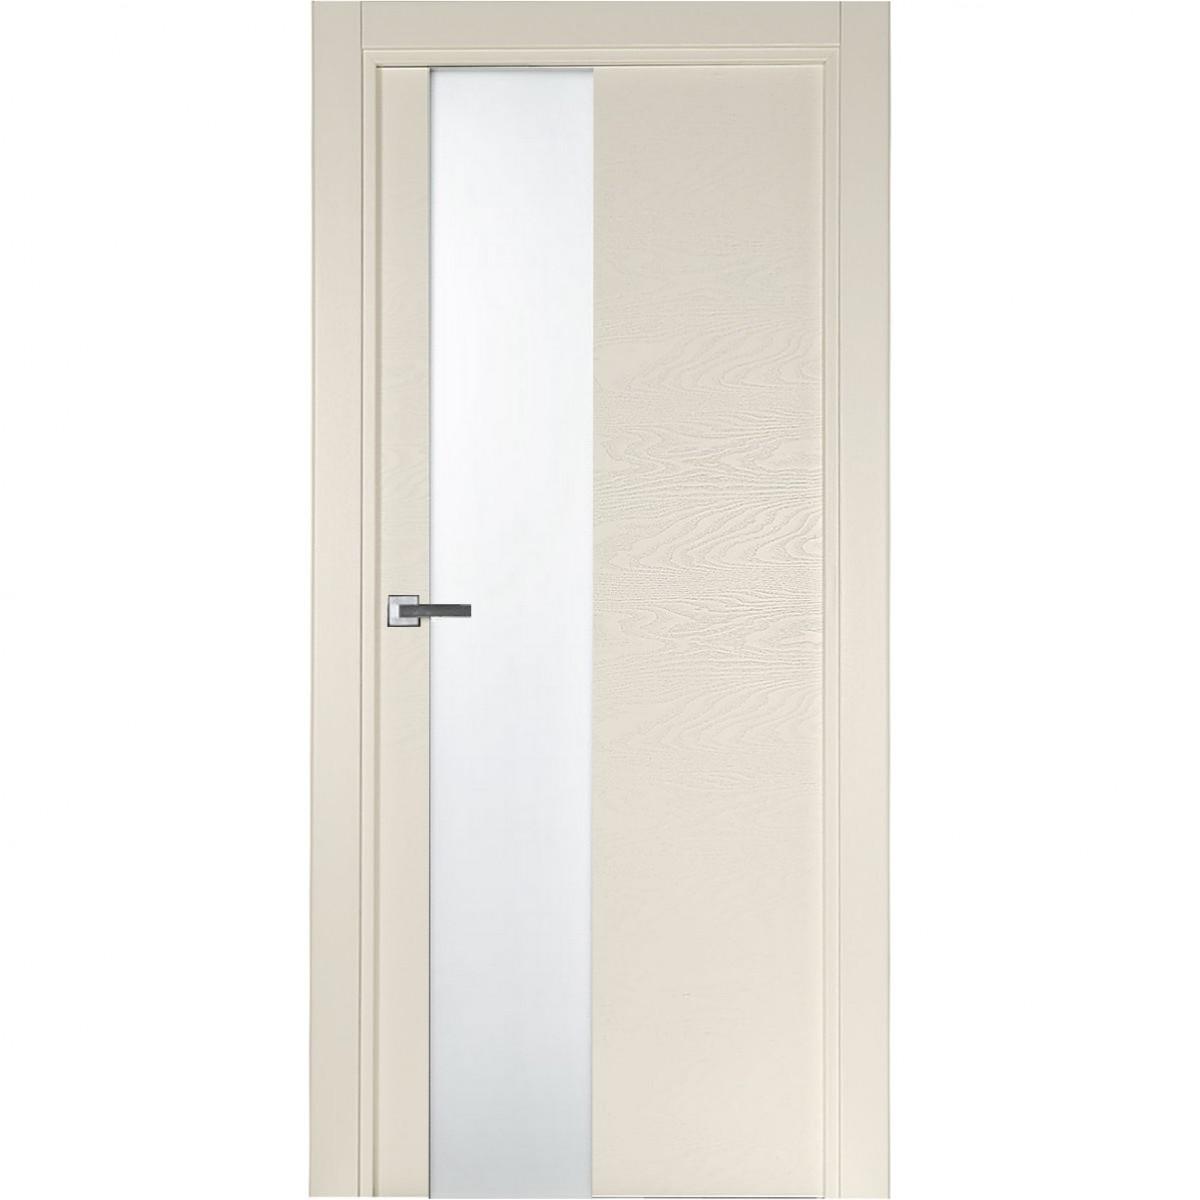 204 Эмаль по шпону LOKO межкомнатная дверь Свобода